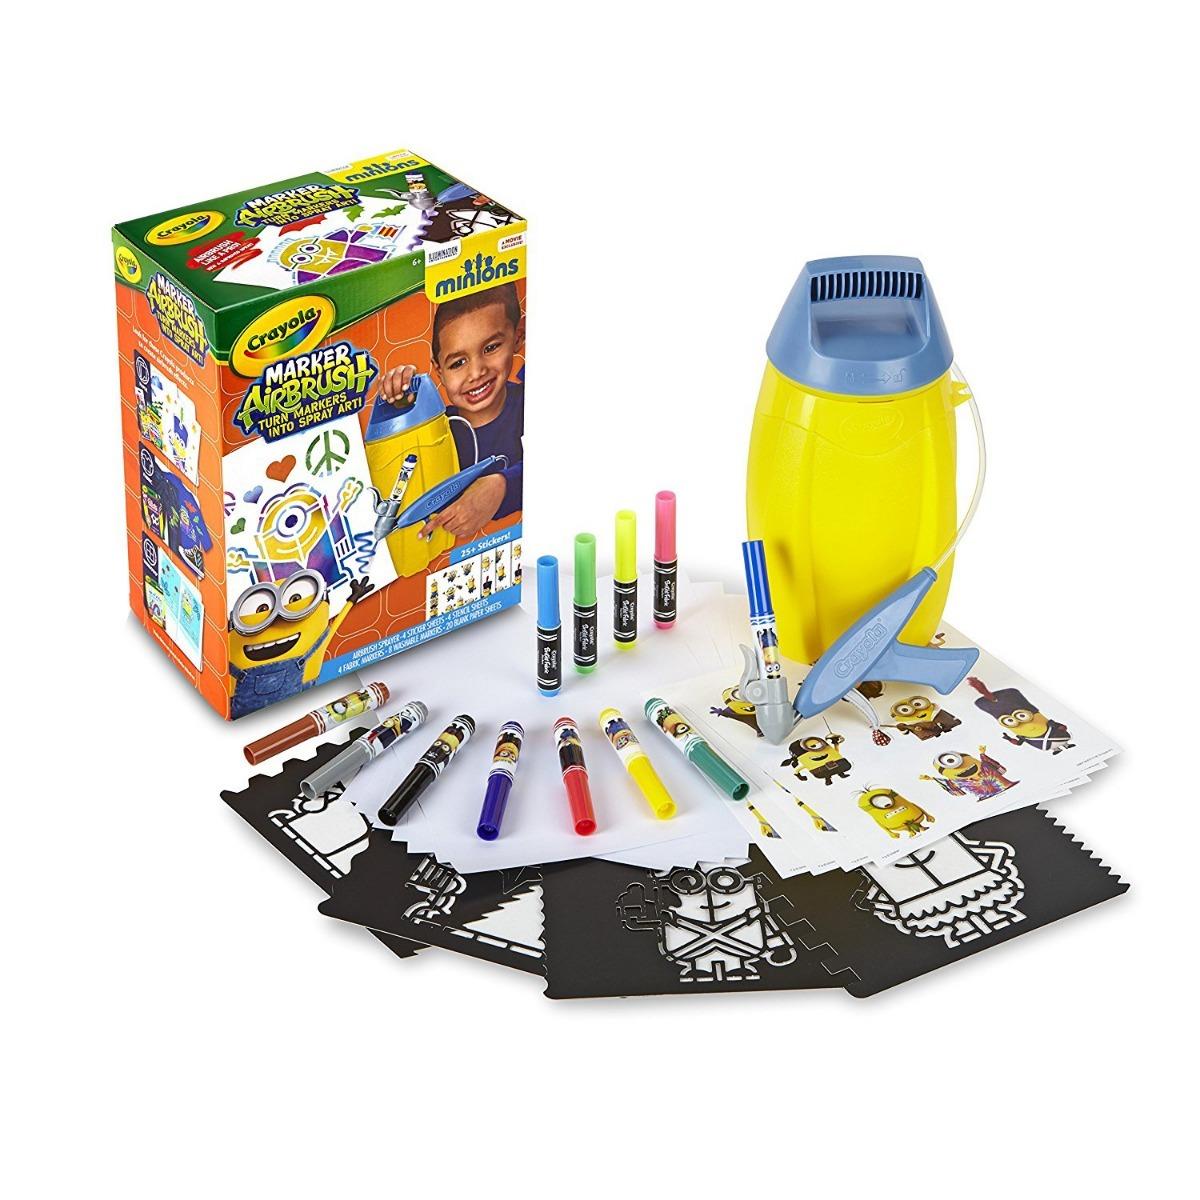 Crayola Aerografo Minions Papel Y Tela Set Con Envio Gratis ...